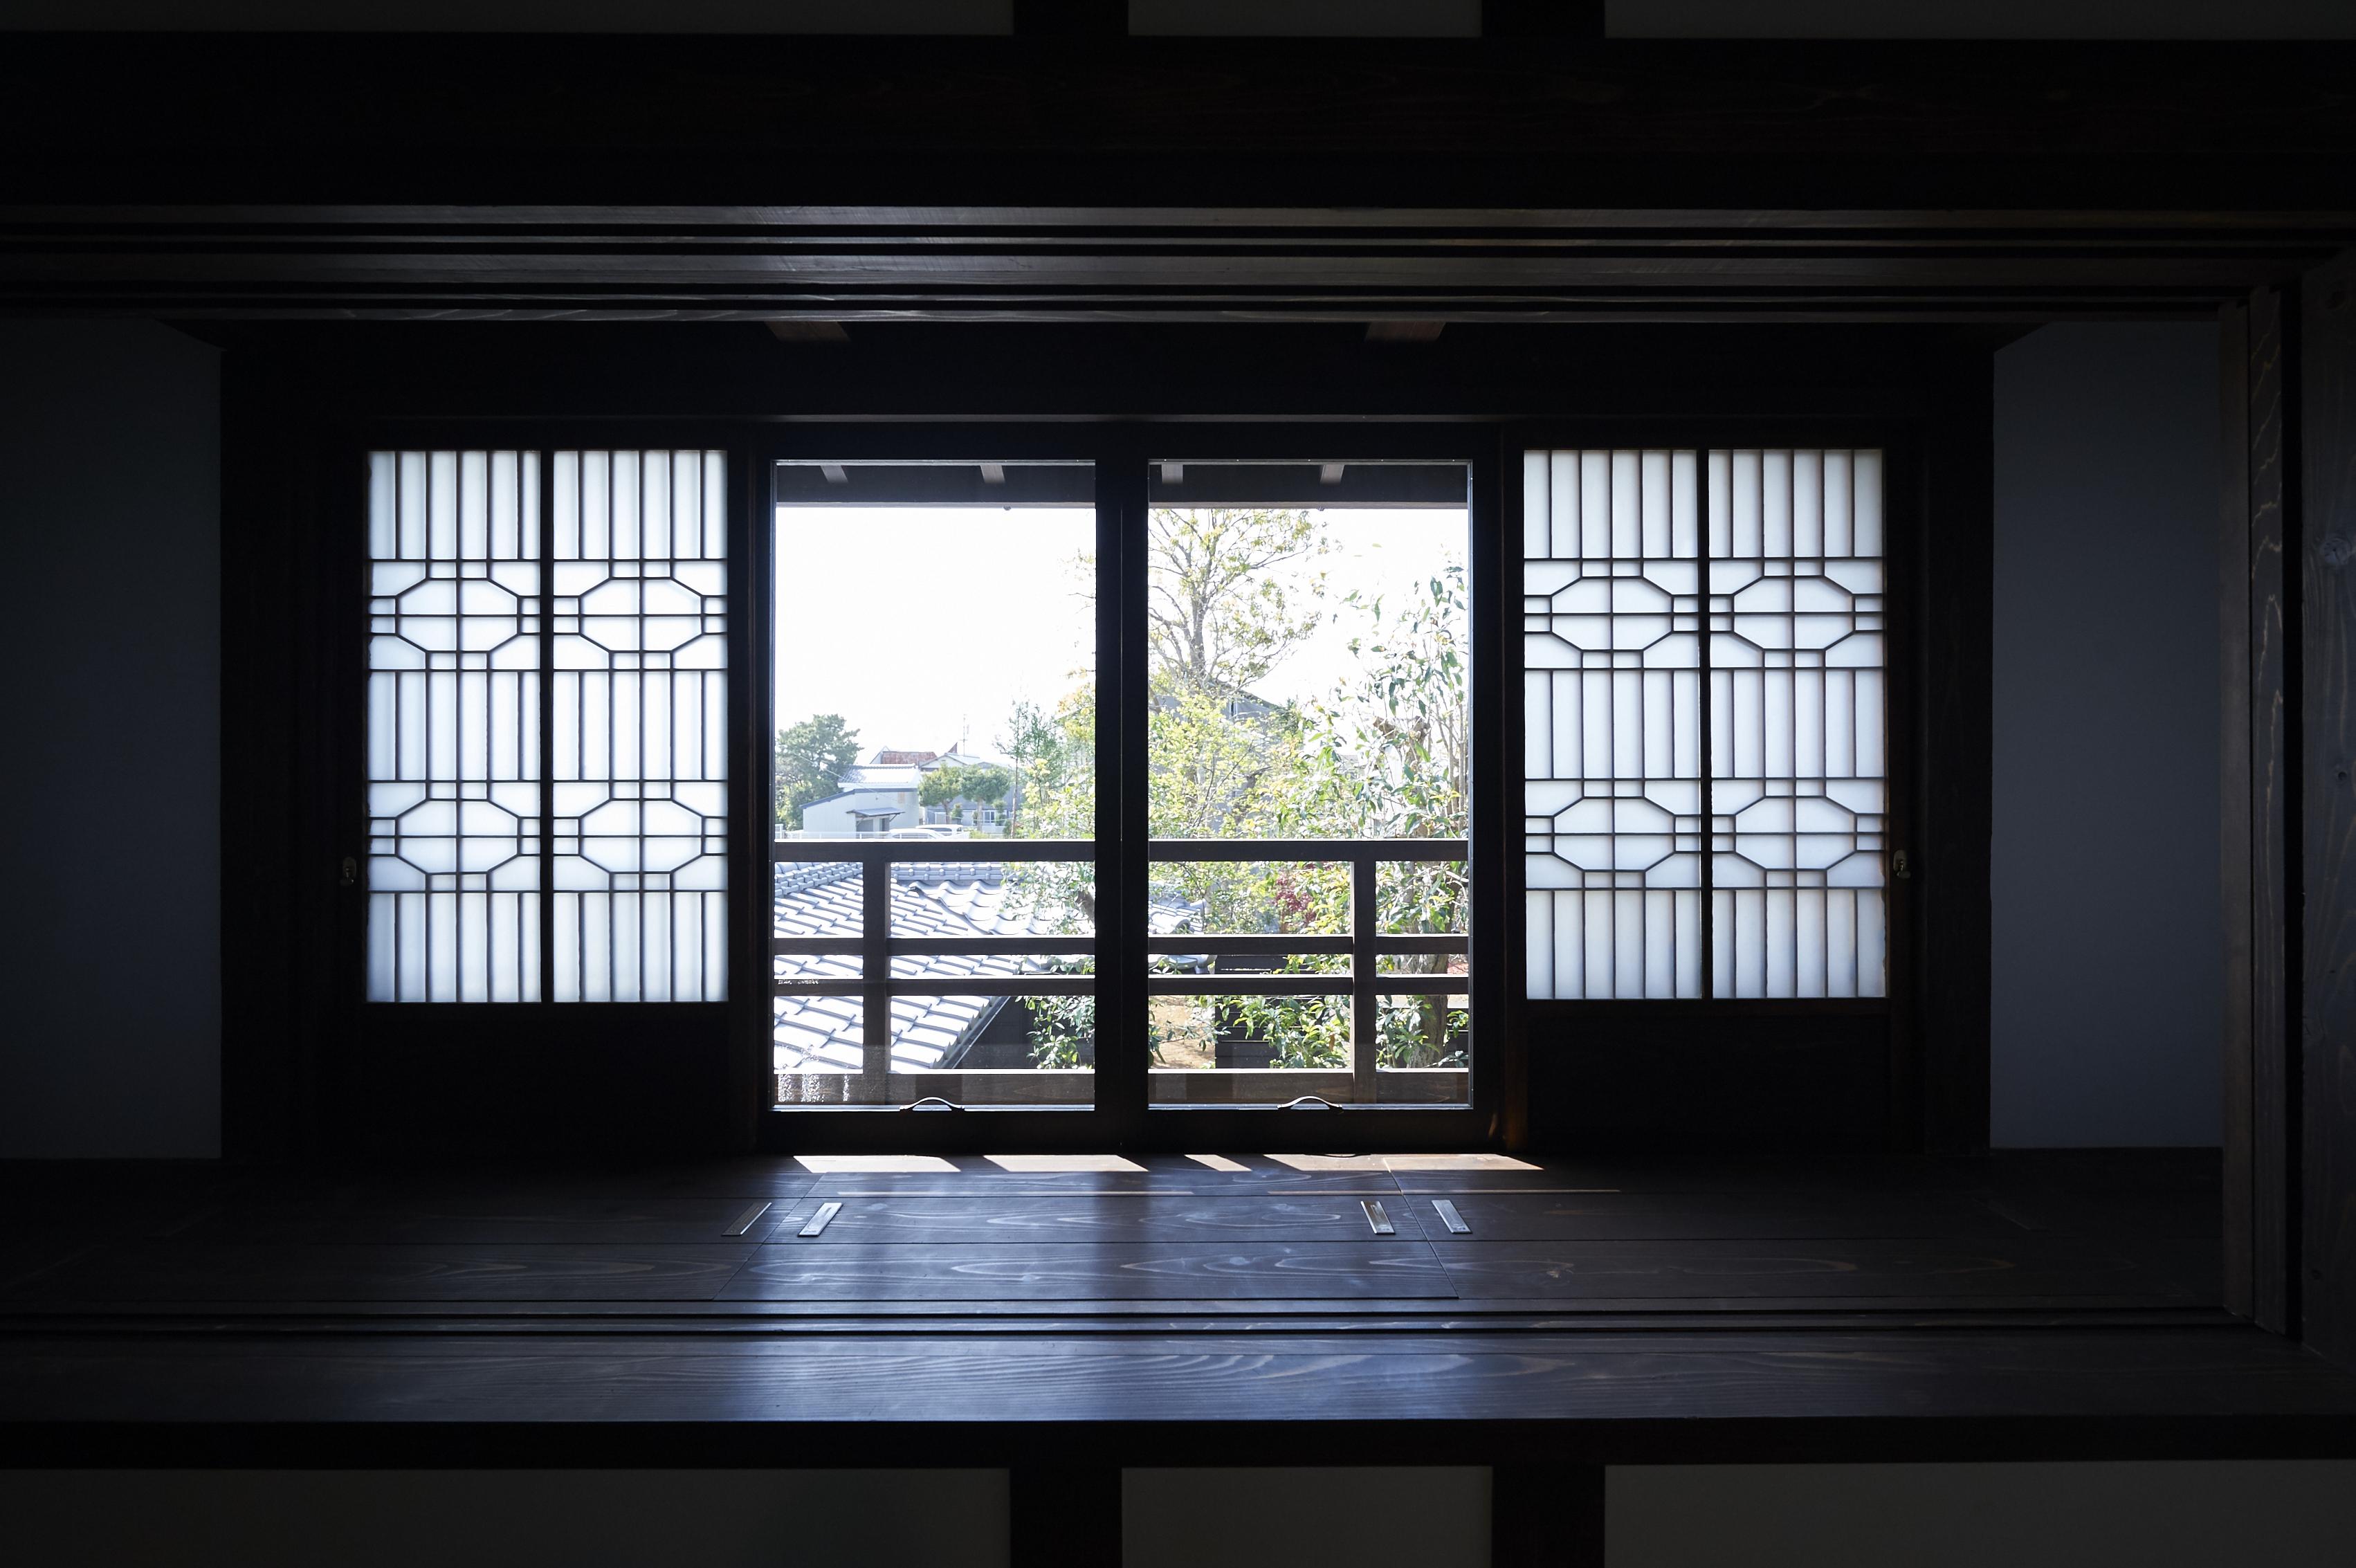 5月22日(土)開催<br>「帆や-hoya- 焼津」<br>HERBで整える、YOGAで整える。